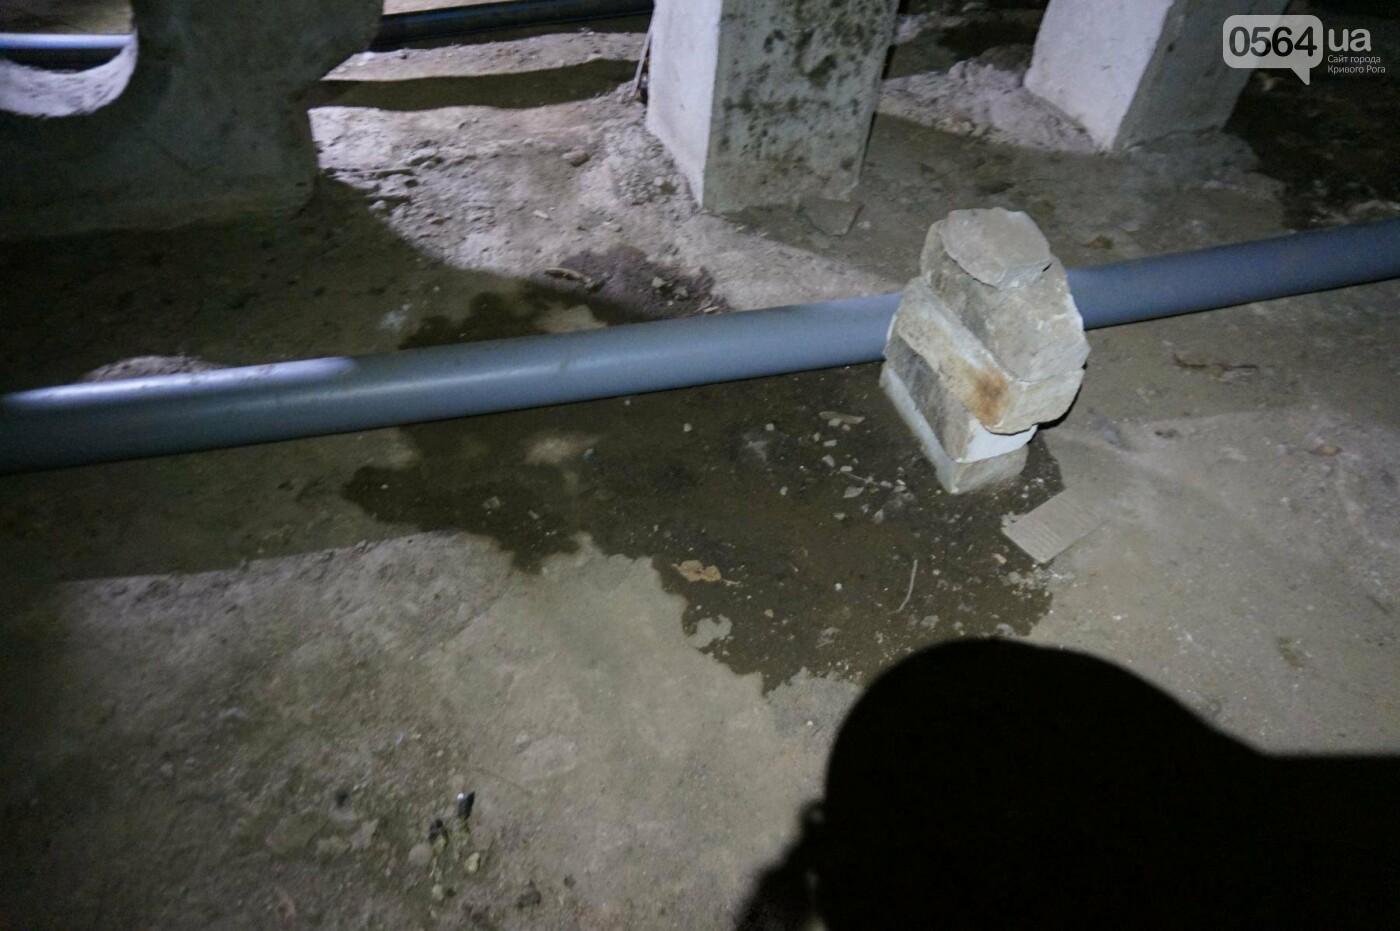 Криворожскую многоэтажку затопило фекалиями (ФОТО, ВИДЕО), фото-3